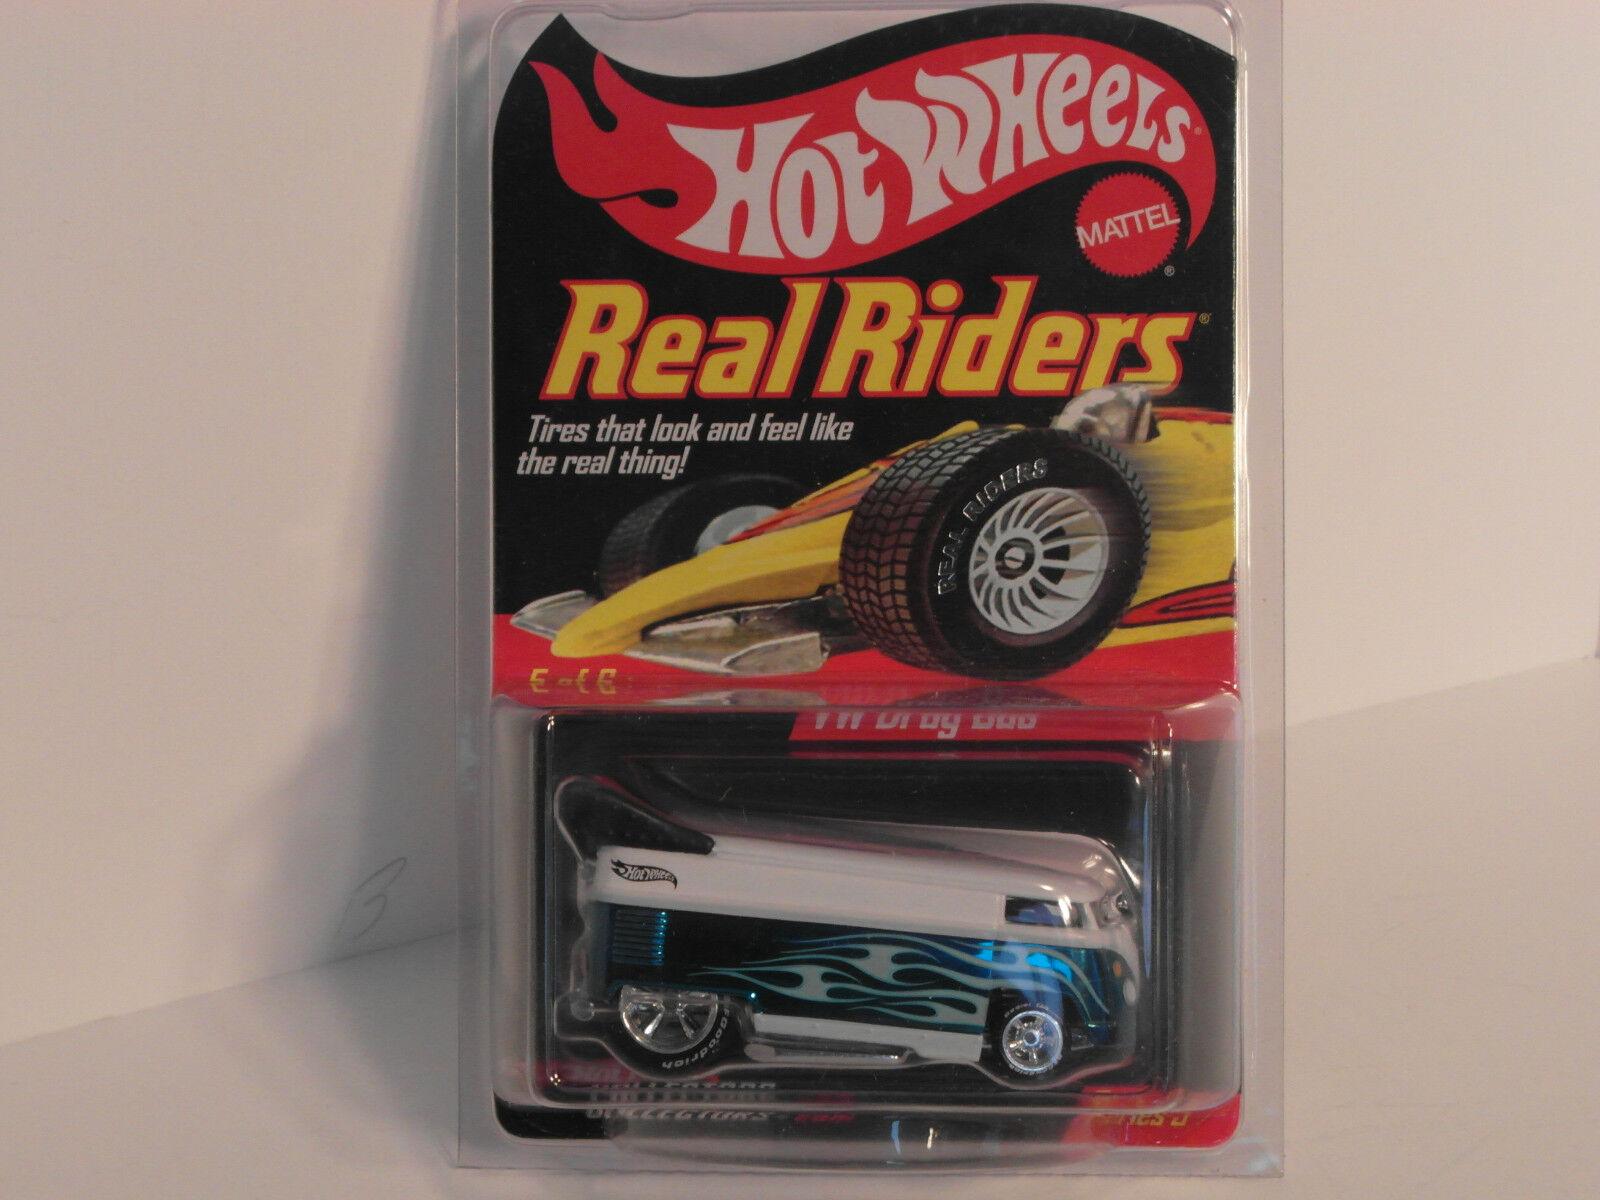 Todos los productos obtienen hasta un 34% de descuento. Hot Wheels 2006 HW real real real jinetes de RLC serie 5 VW VOLKSWAGEN Drag Bus  3056  Tienda de moda y compras online.